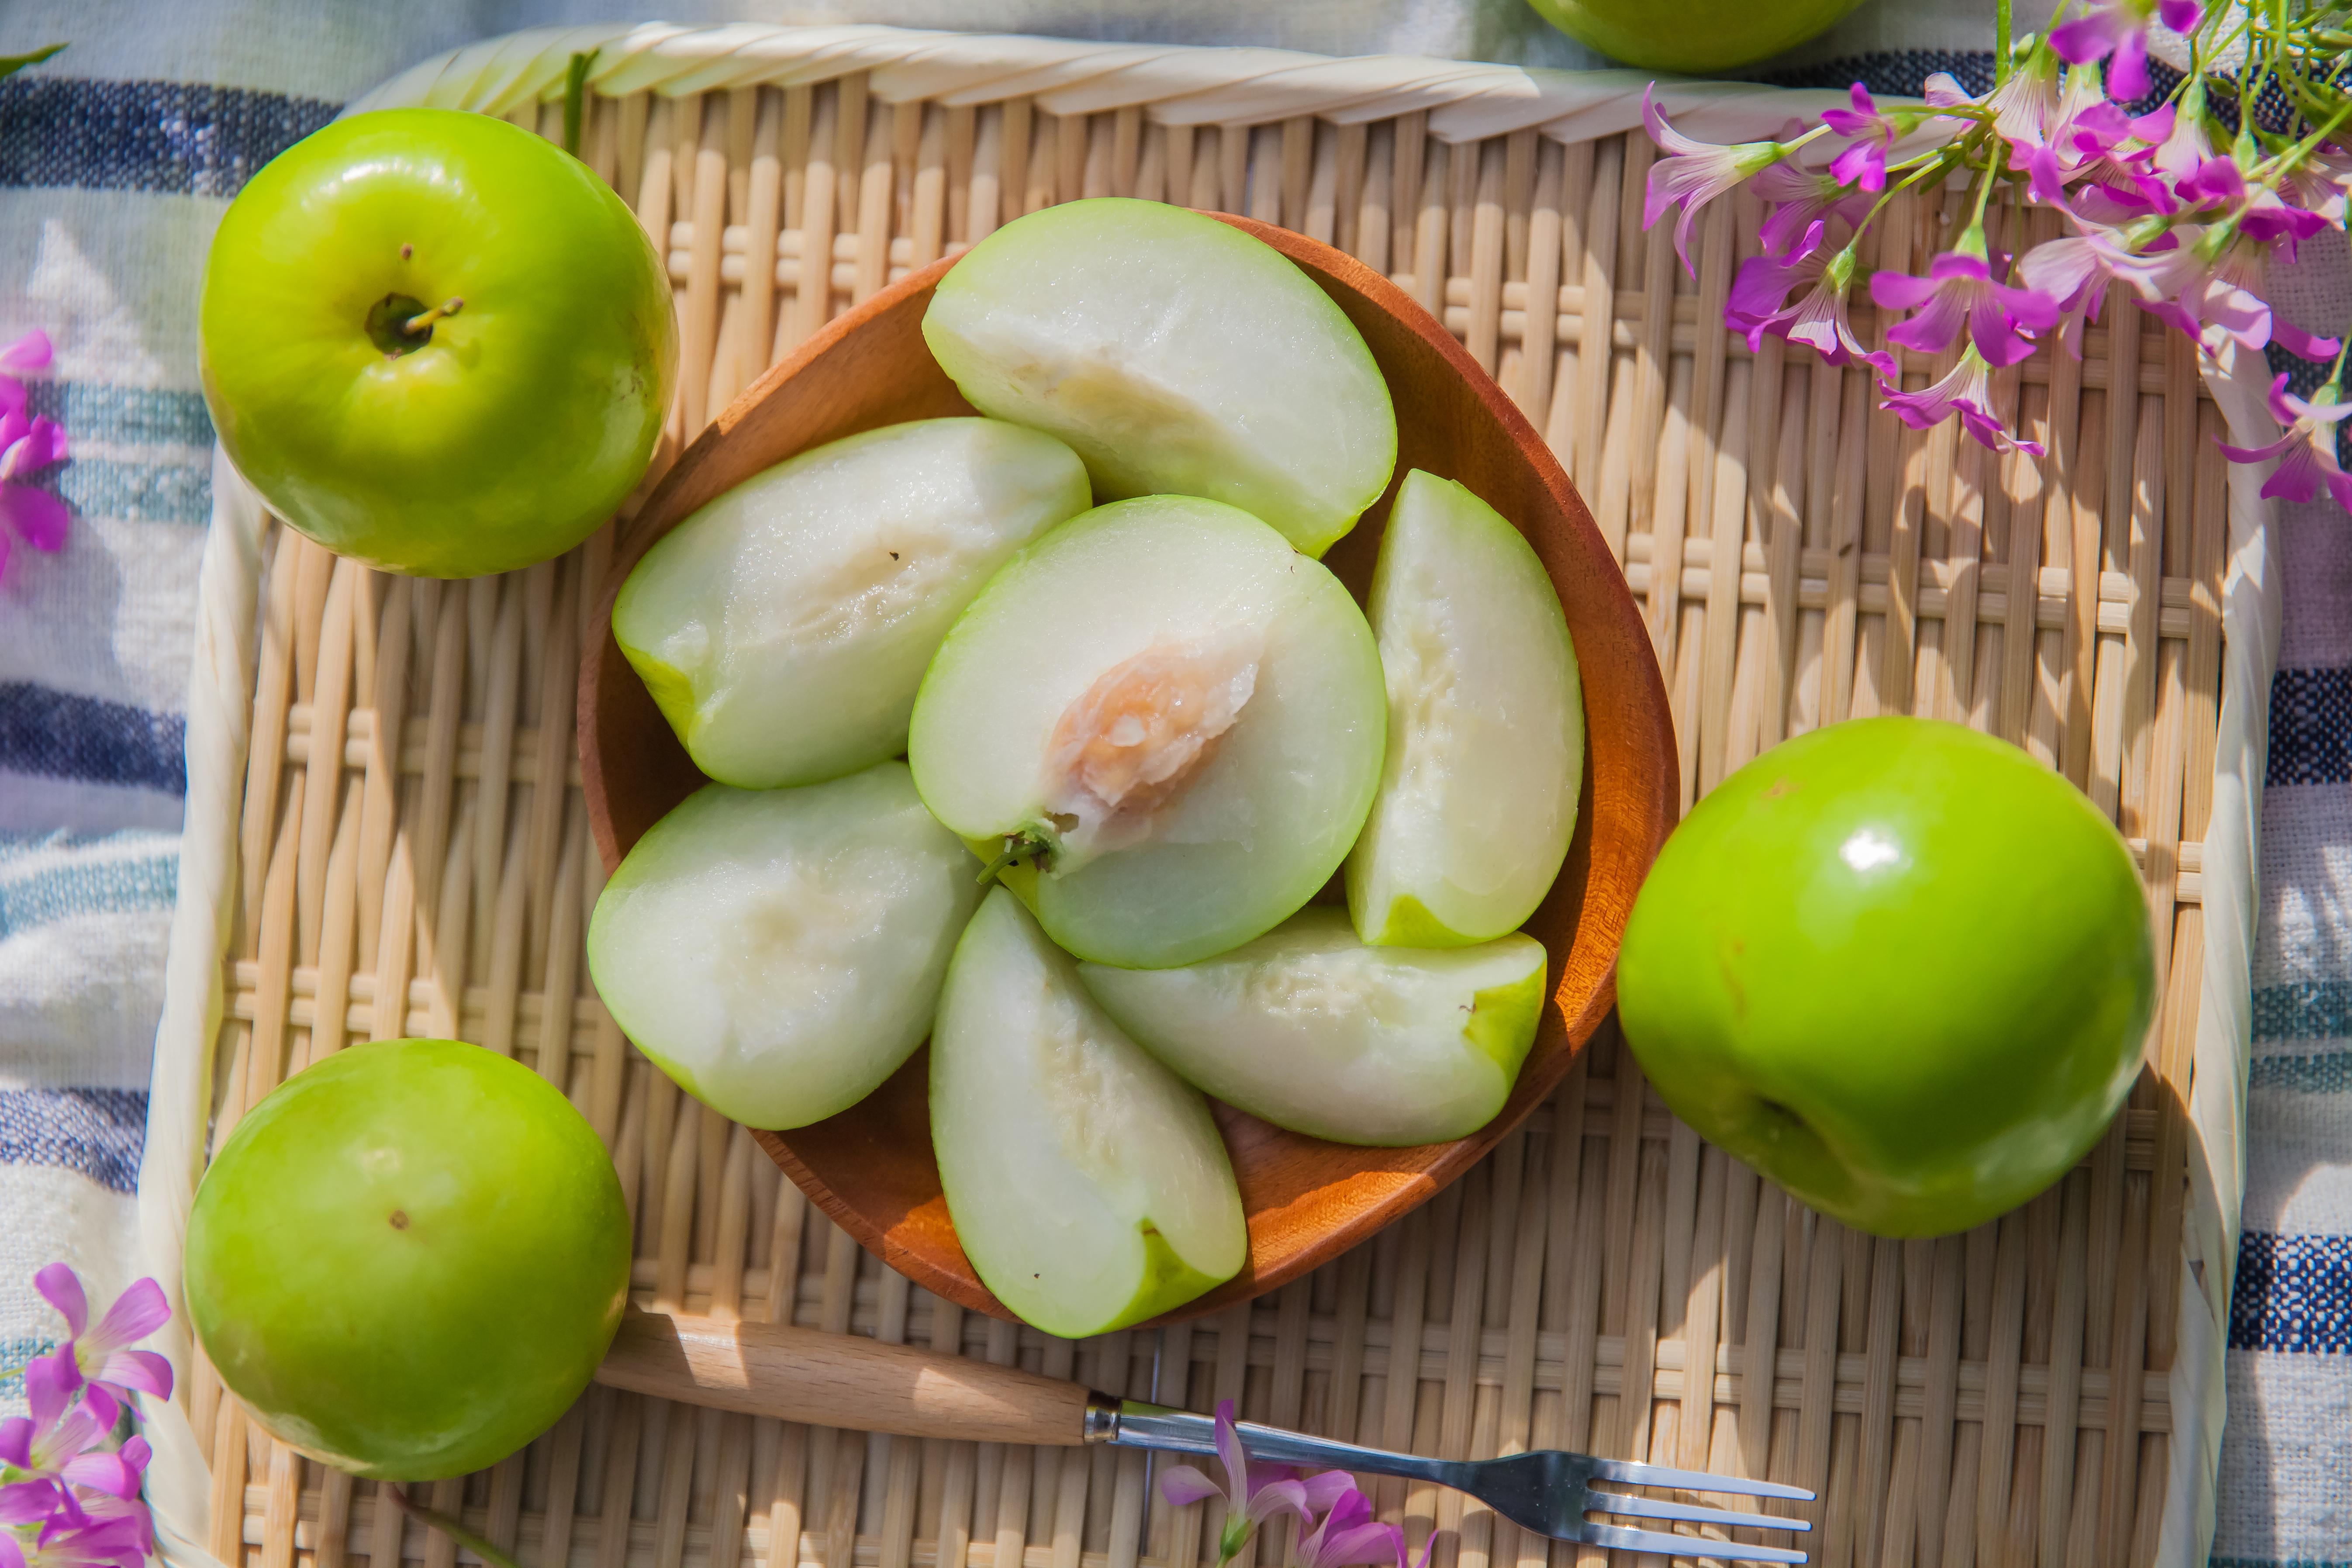 ▲圓胖形狀的雪梨蜜棗,造型相當討喜,許多人喜歡拿來送禮。